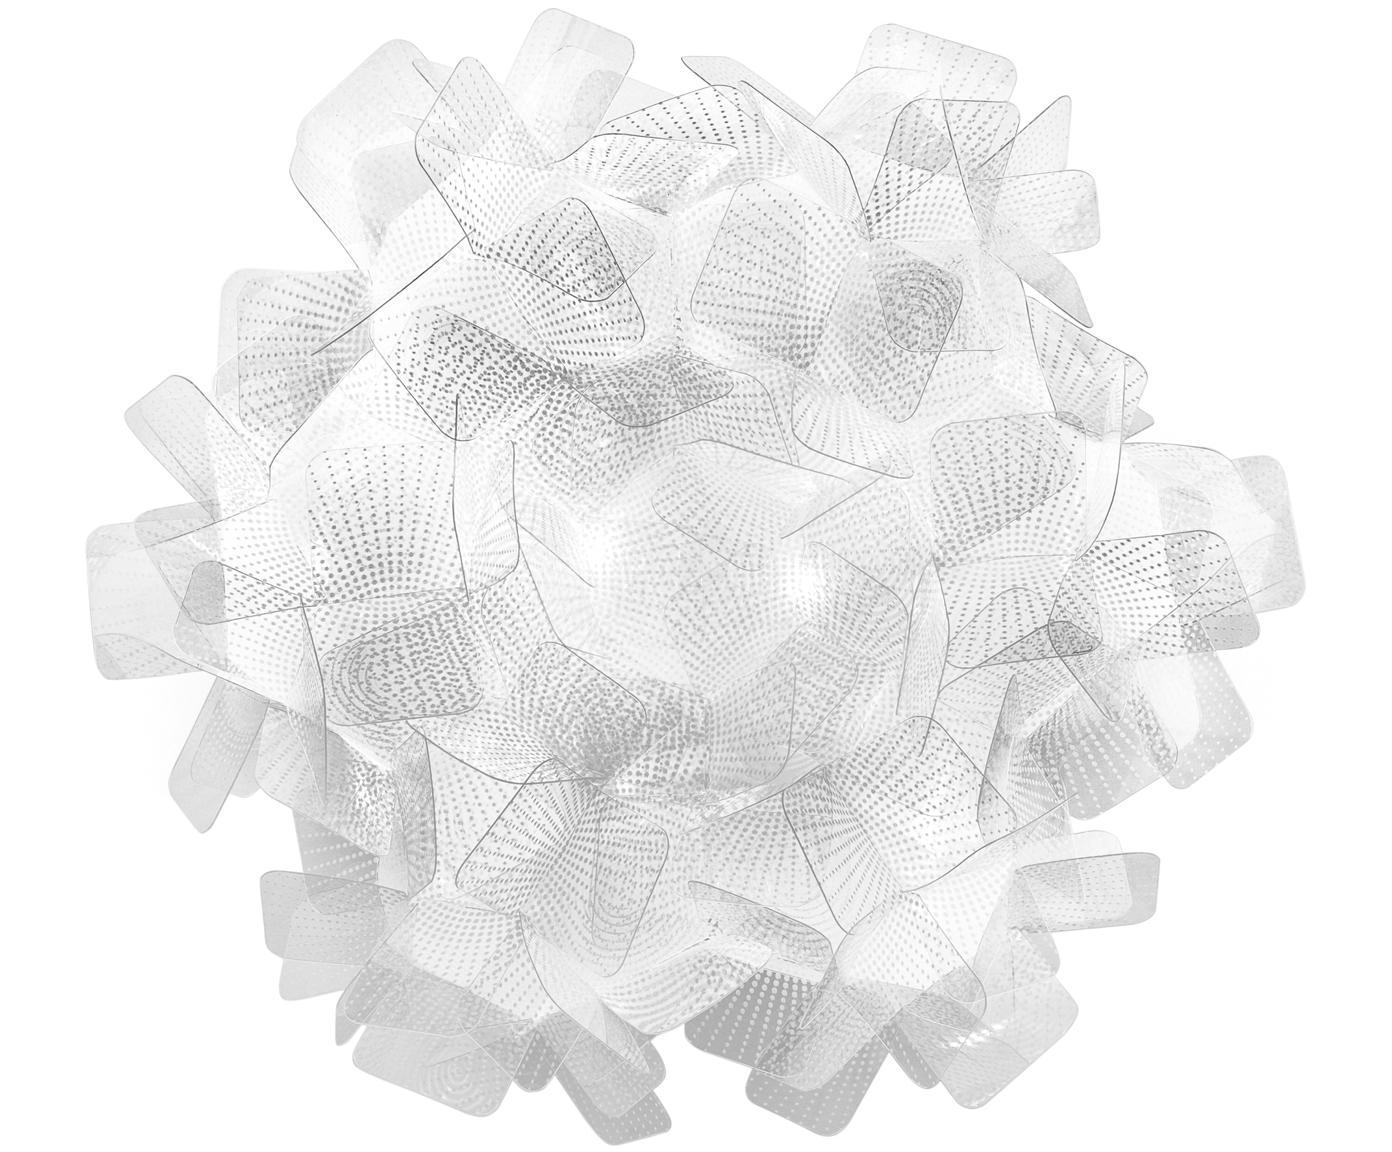 Handgemaakte wand- en plafondlamp Clizia Pixel, Technopolymeer Opalflex®, recyclebaar, onbreekbaar, flexibel, anti-statisch gecoat, UV- en hittebestendig, Transparant, Ø 32 x D 15 cm